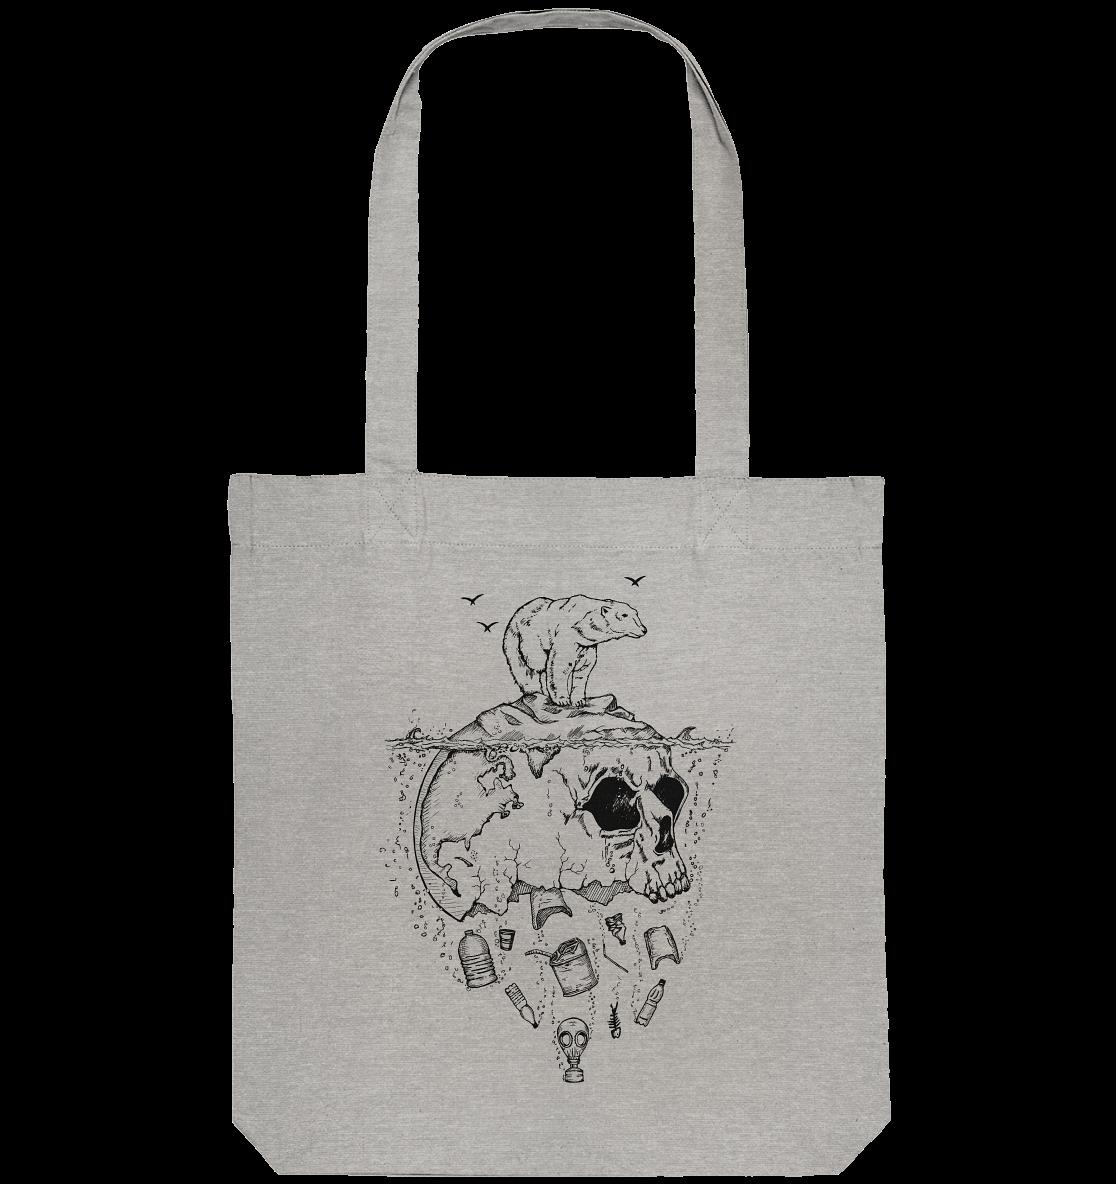 front-organic-tote-bag-c2c1c0-1116x-1.png